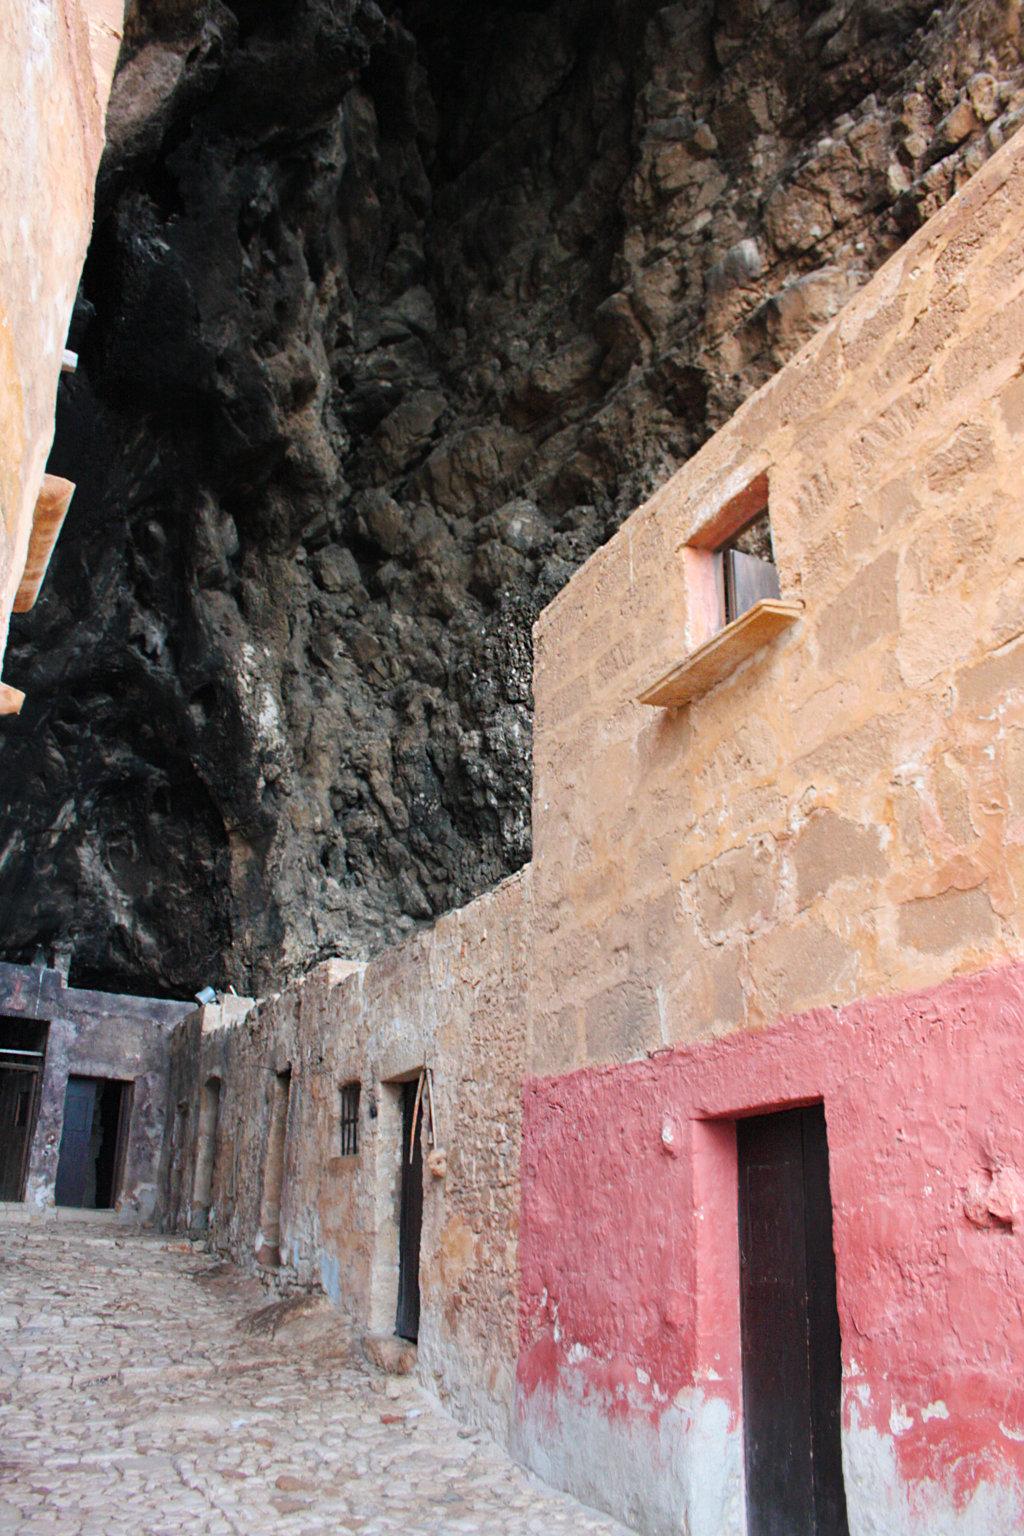 من10الاف Grotta_Mangiapane12.jpg?w=1024&ssl=1